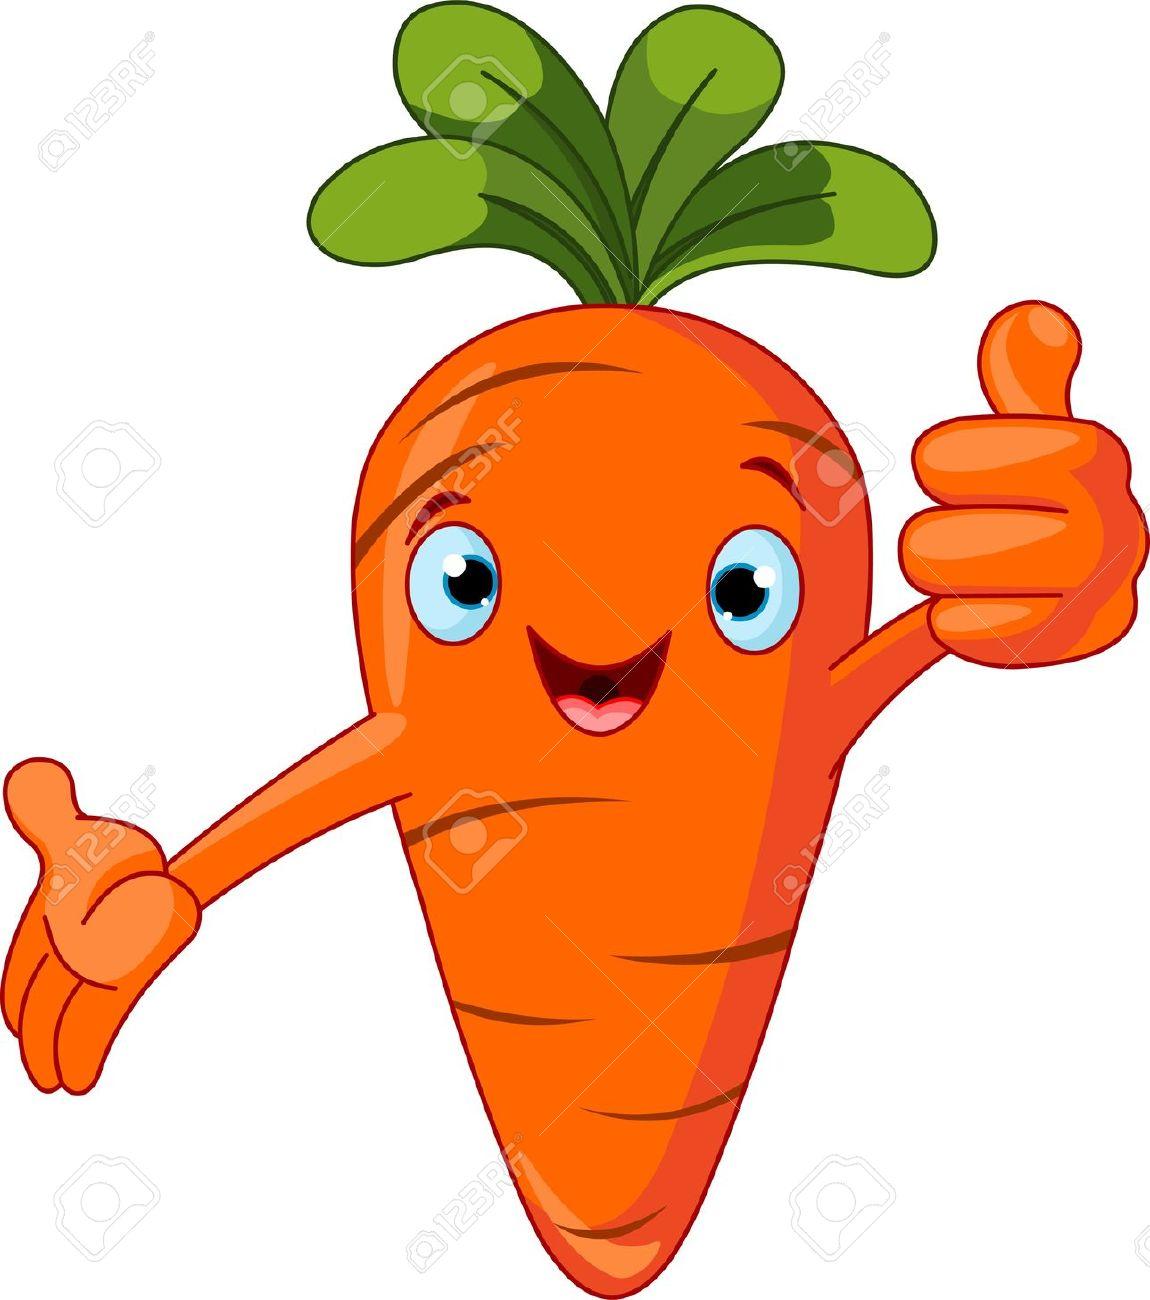 Cuaderno De Salud Y Dietetica Los Beneficios De La Zanahoria Zanahorias tabla nutricional de alimentos. cuaderno de salud y dietetica blogger